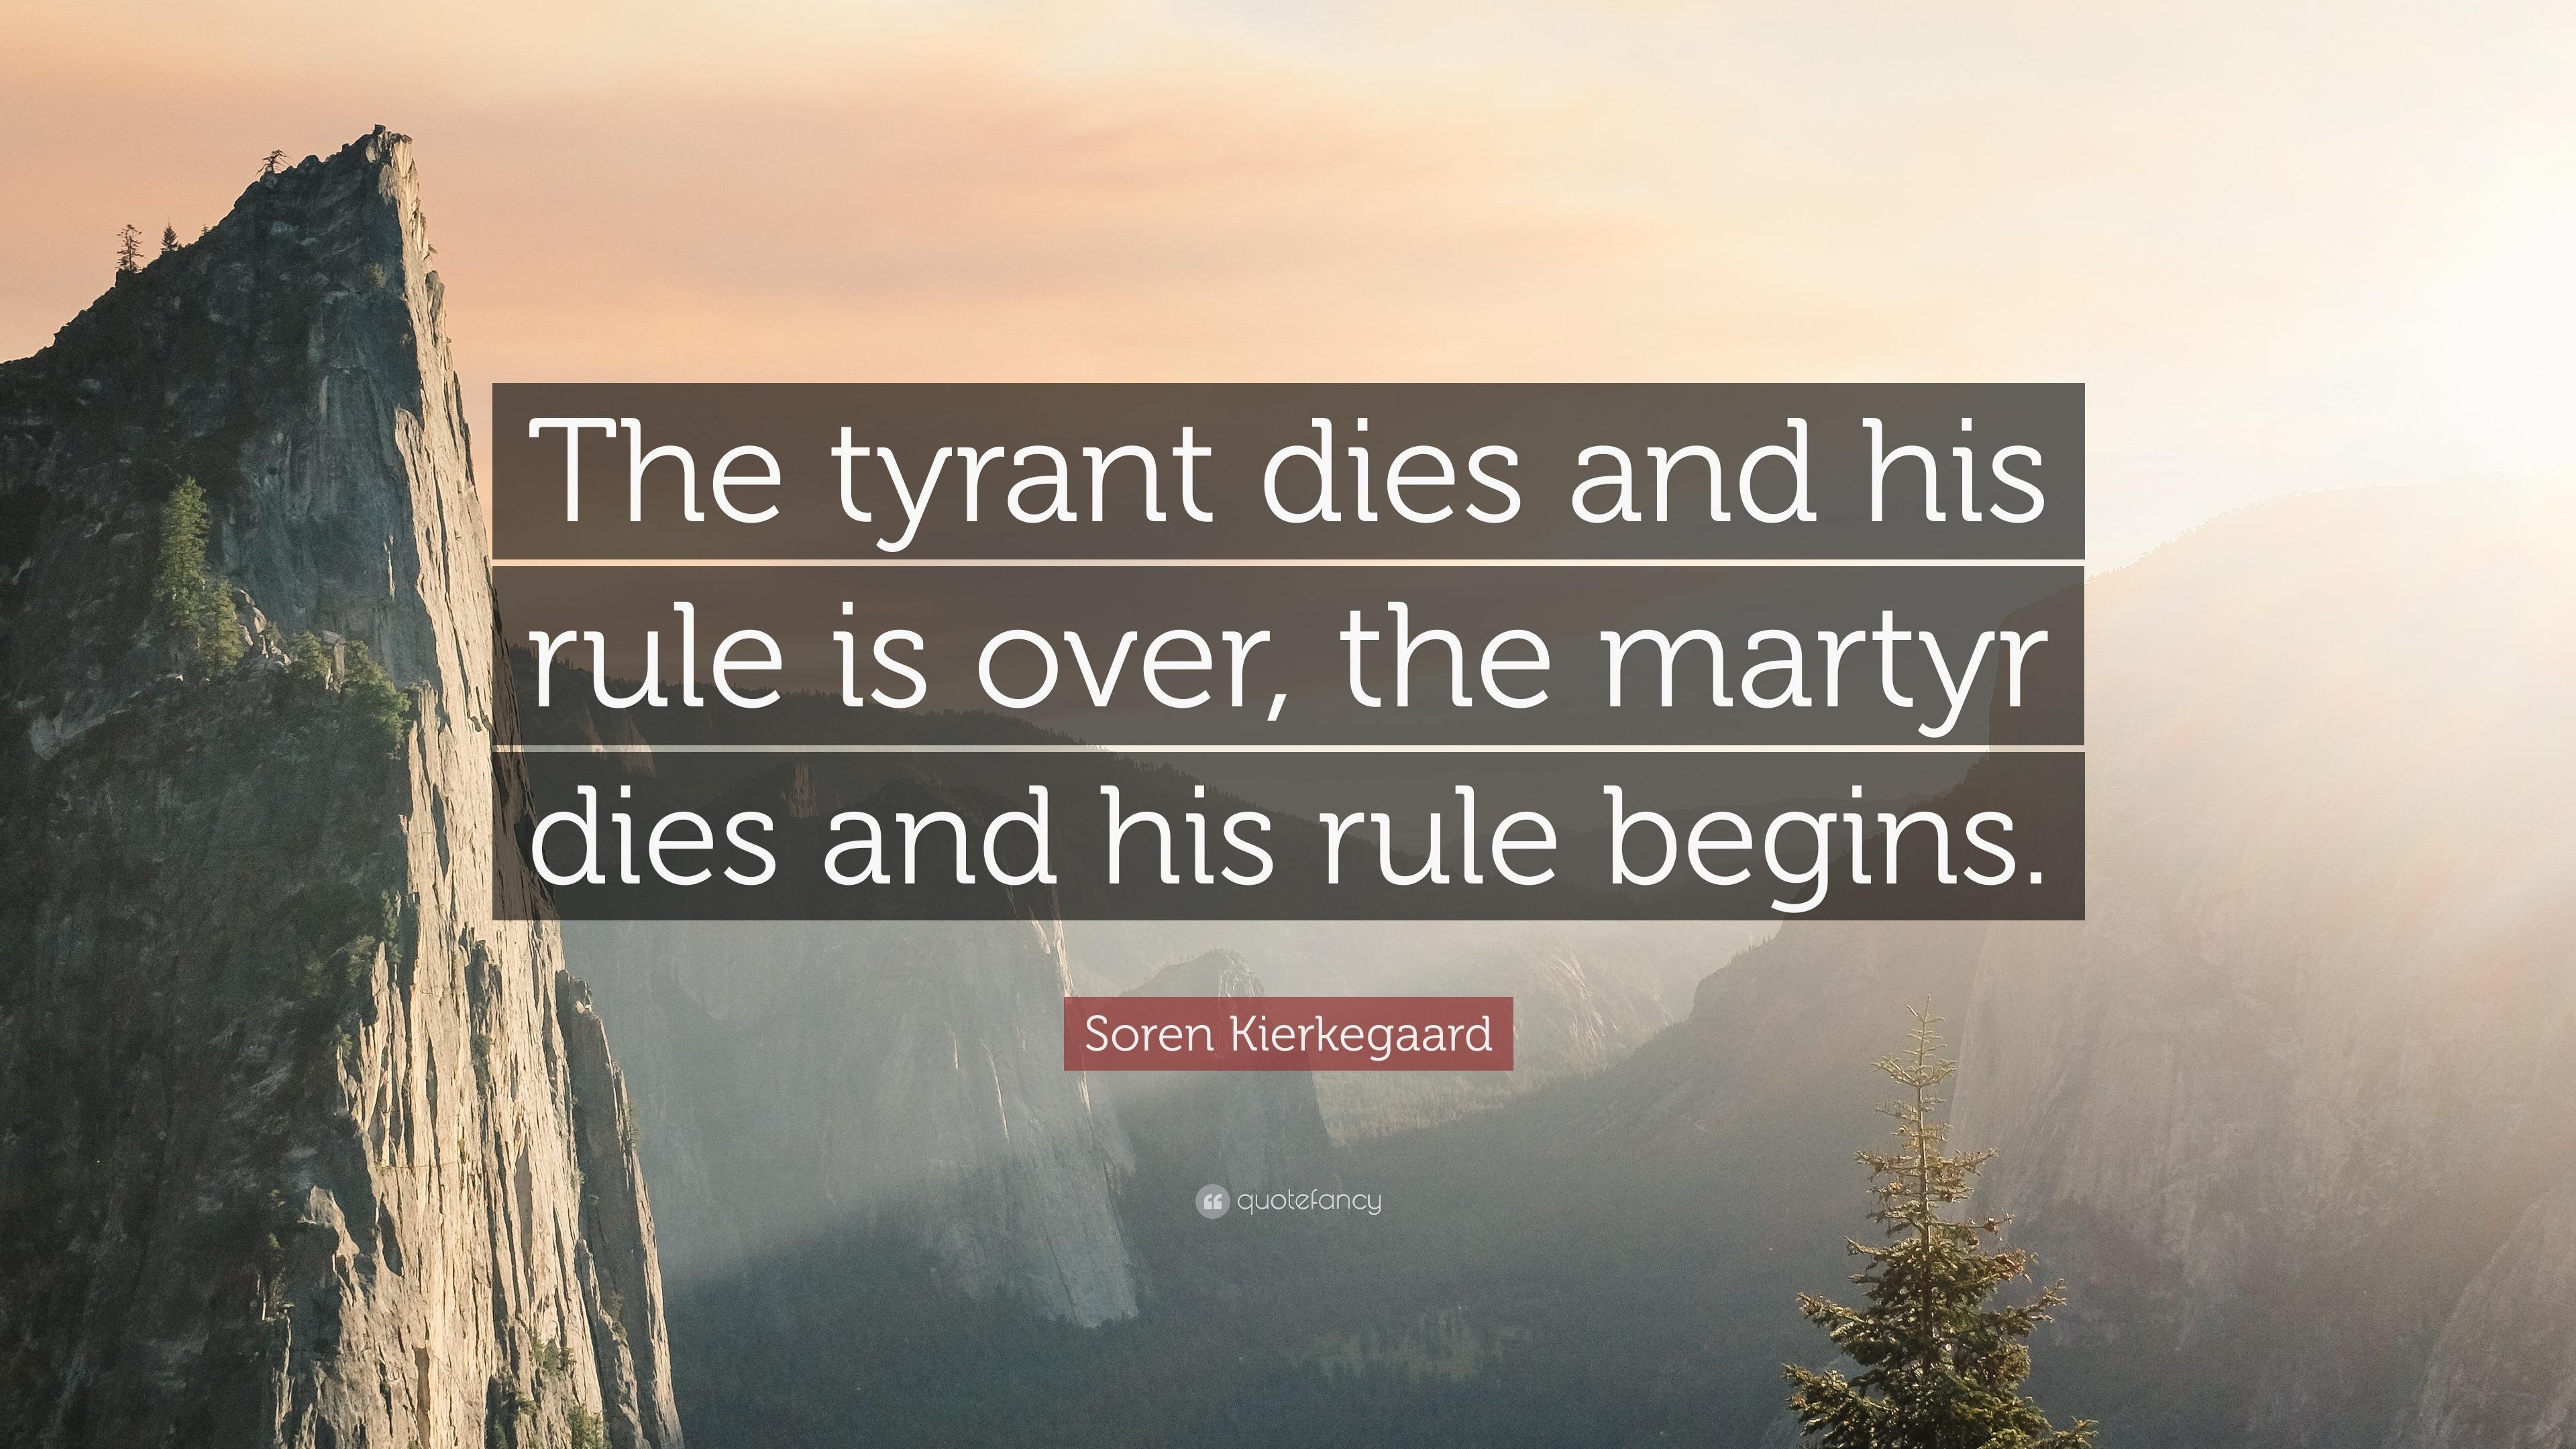 """Soren Kierkegaard Quotes 100 Wallpapers: Soren Kierkegaard Quote: """"The Tyrant Dies And His Rule Is"""